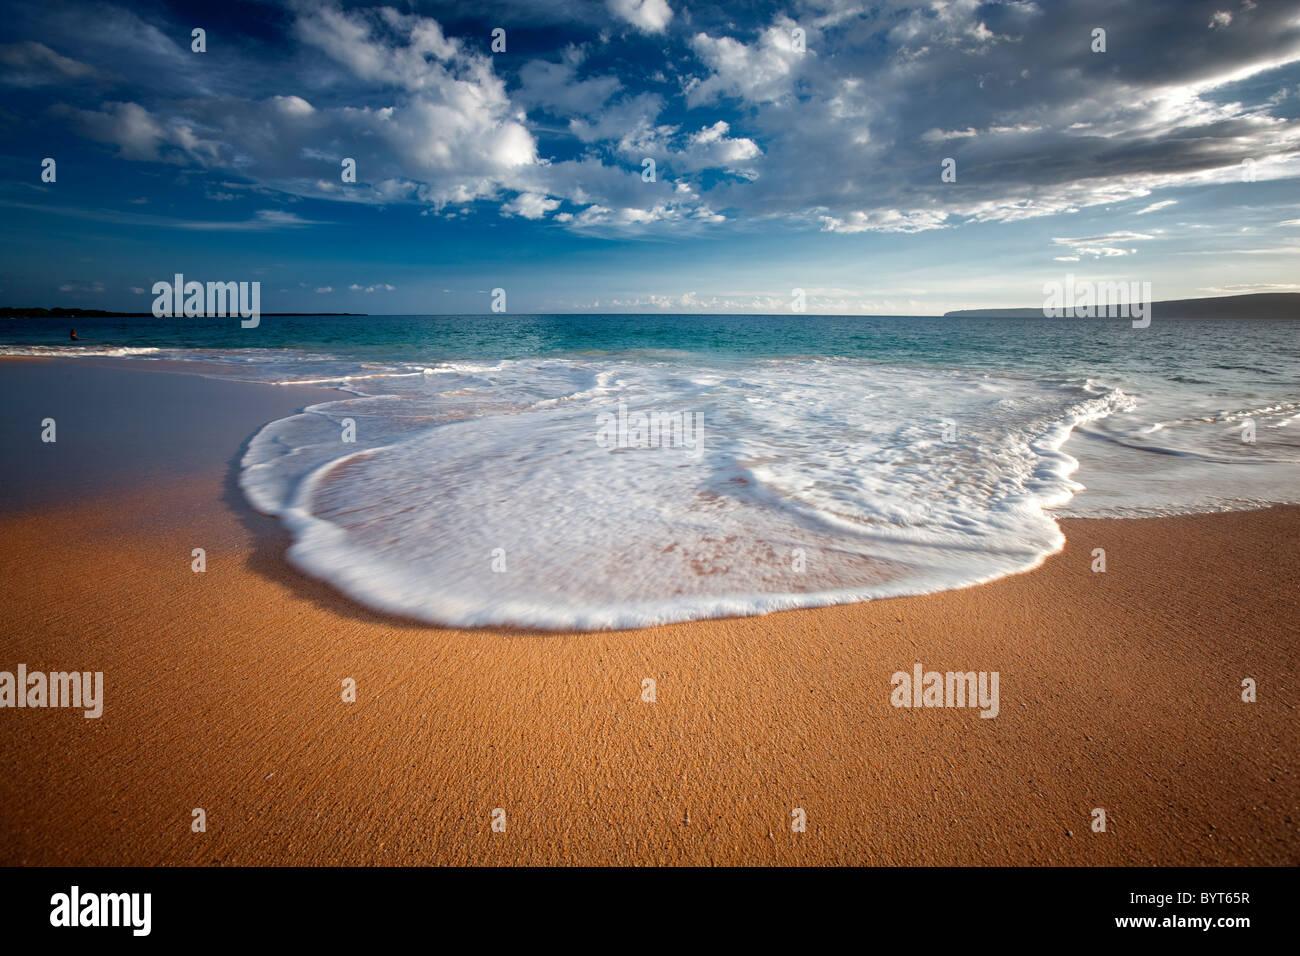 Playa, olas y nubes. Maui, Hawaii. Imagen De Stock